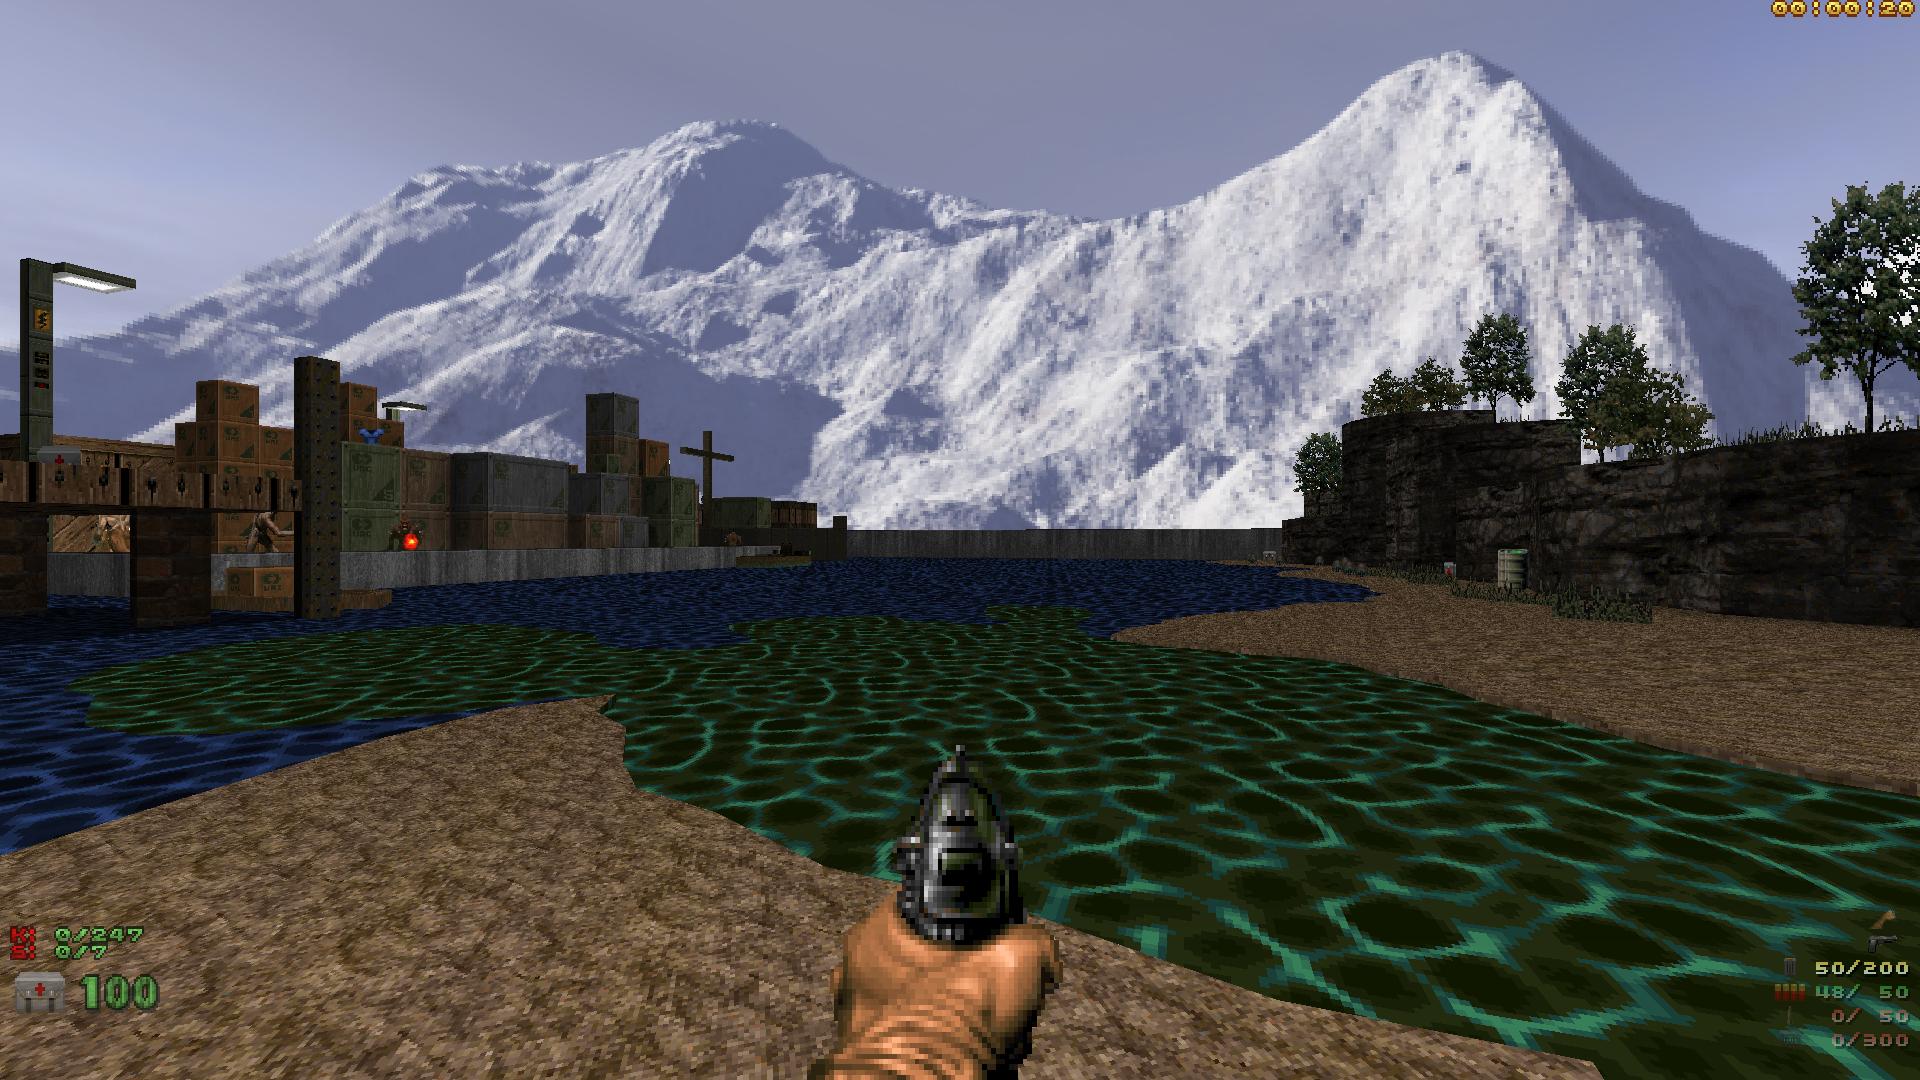 Screenshot_Doom_20210327_165154.png.0fac700f95af43dacc14498850f703f9.png